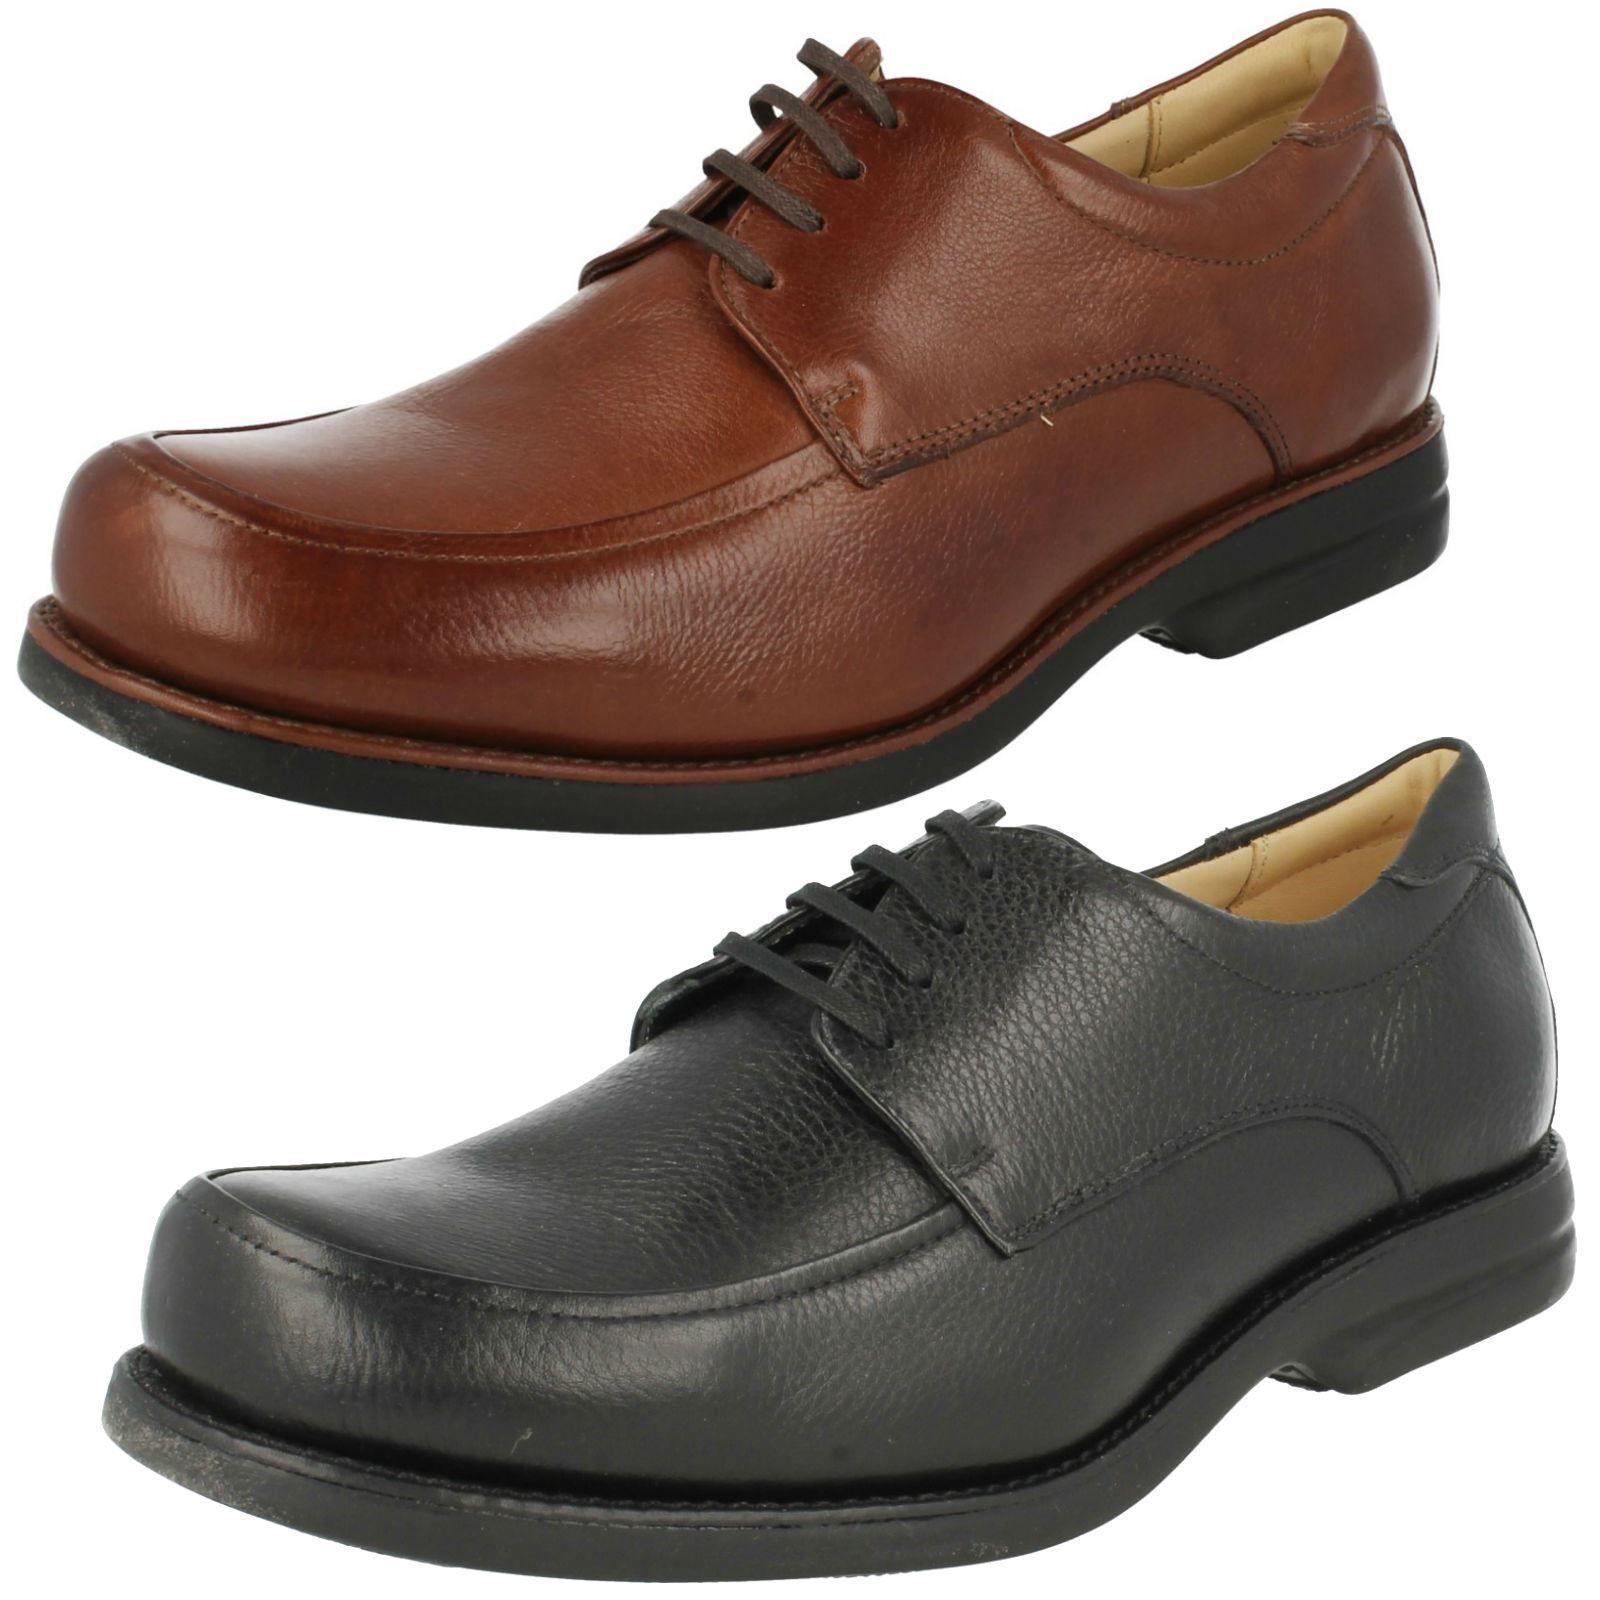 promozioni eccitanti Offerta Nero da Uomo Uomo Uomo Leather Anatomic And Co Scarpe con Lacci Stile Anapolis  comprare sconti